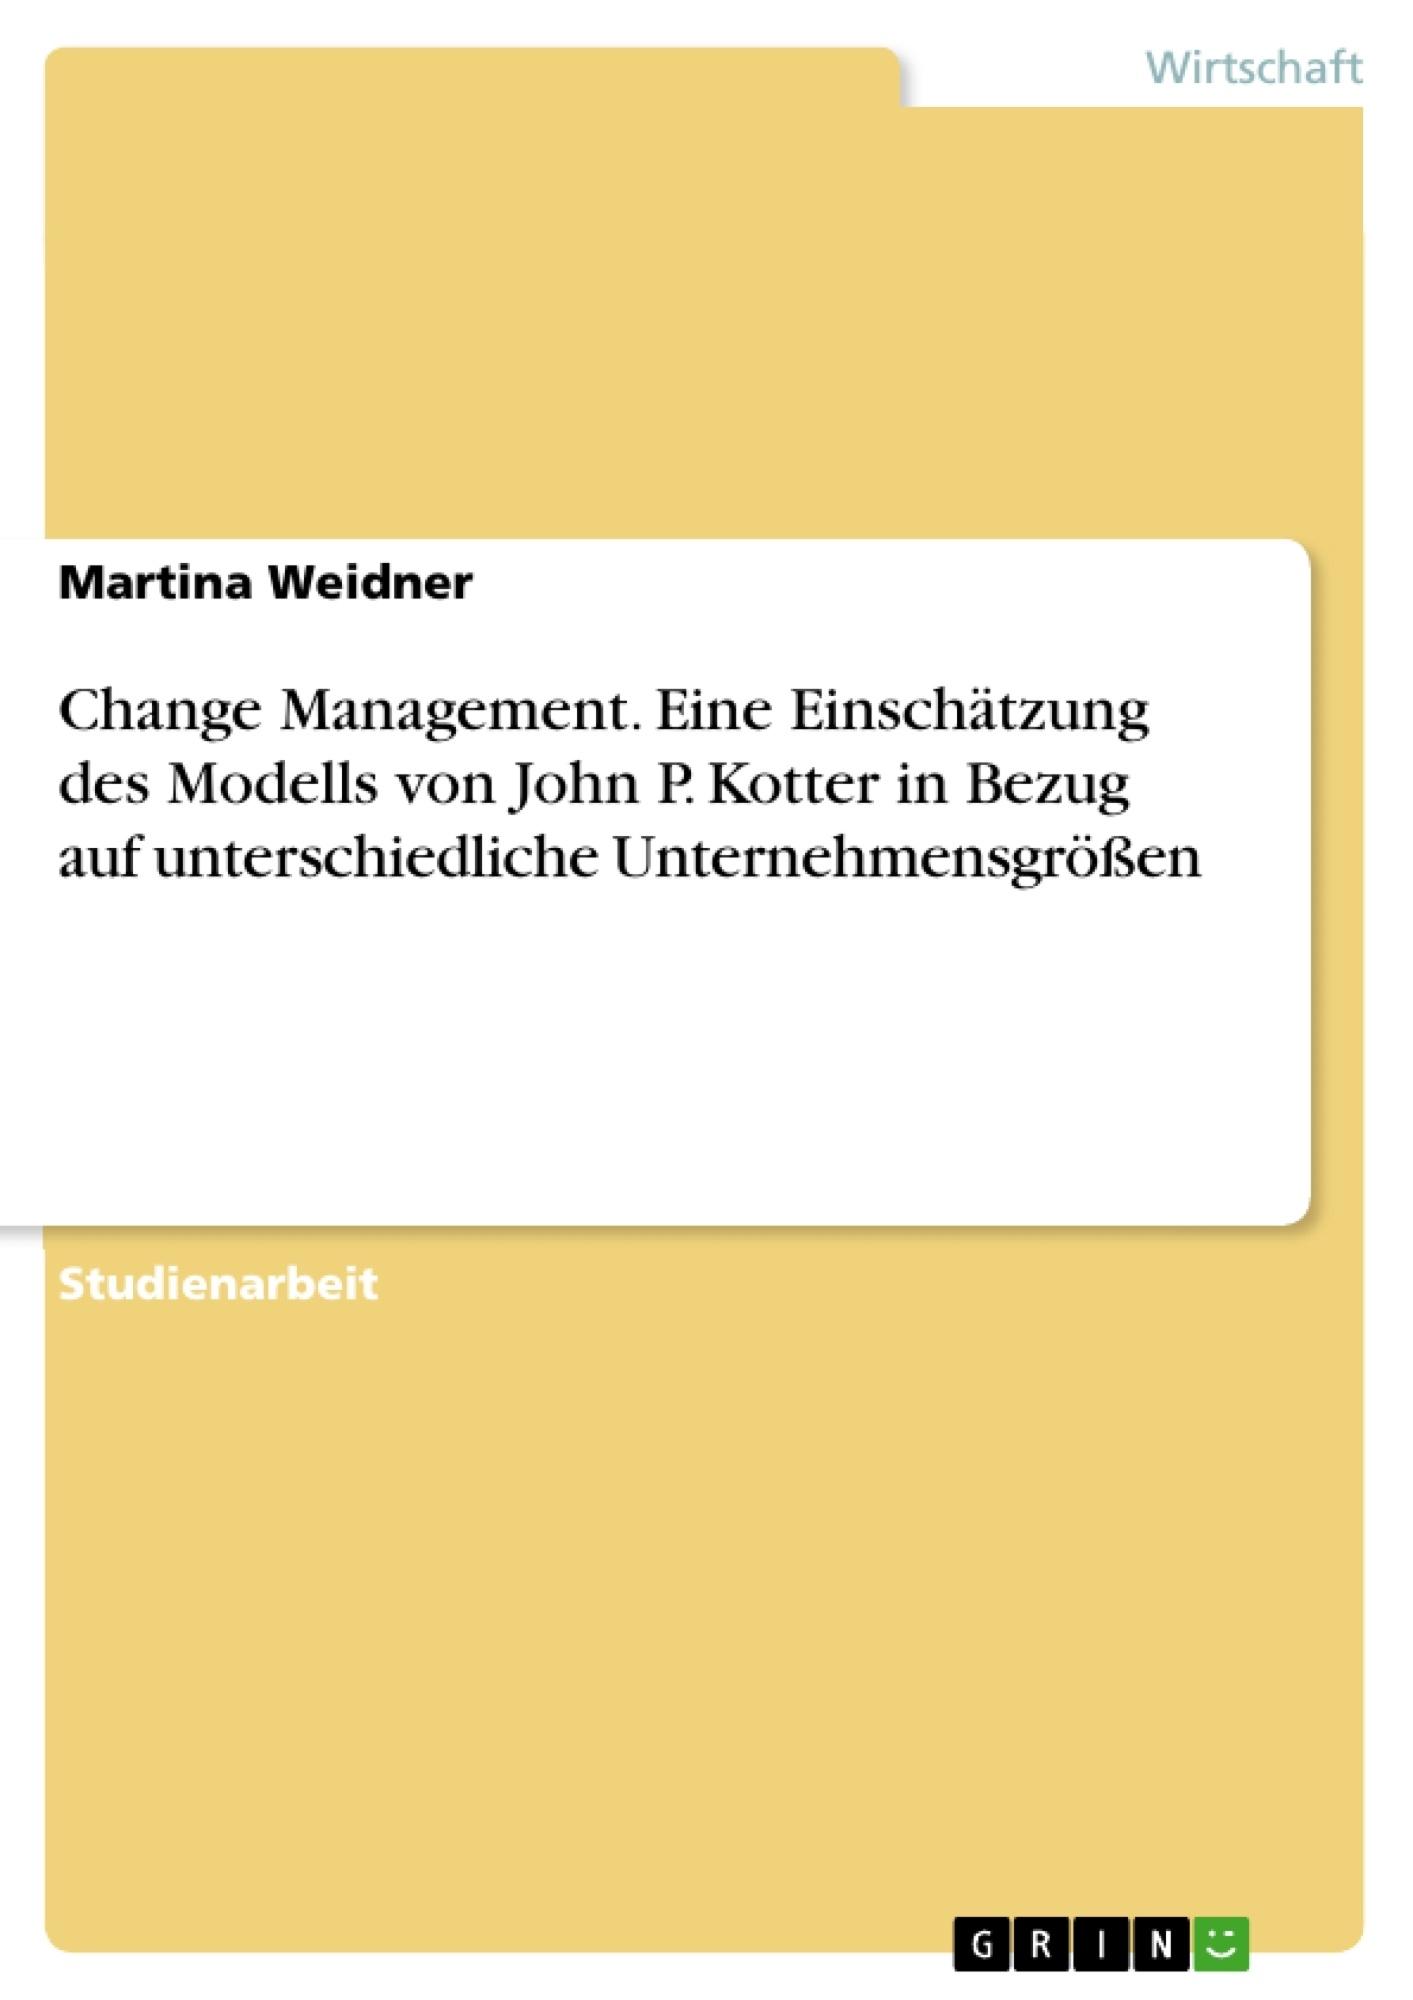 Titel: Change Management. Eine Einschätzung des Modells von John P. Kotter in Bezug auf unterschiedliche Unternehmensgrößen